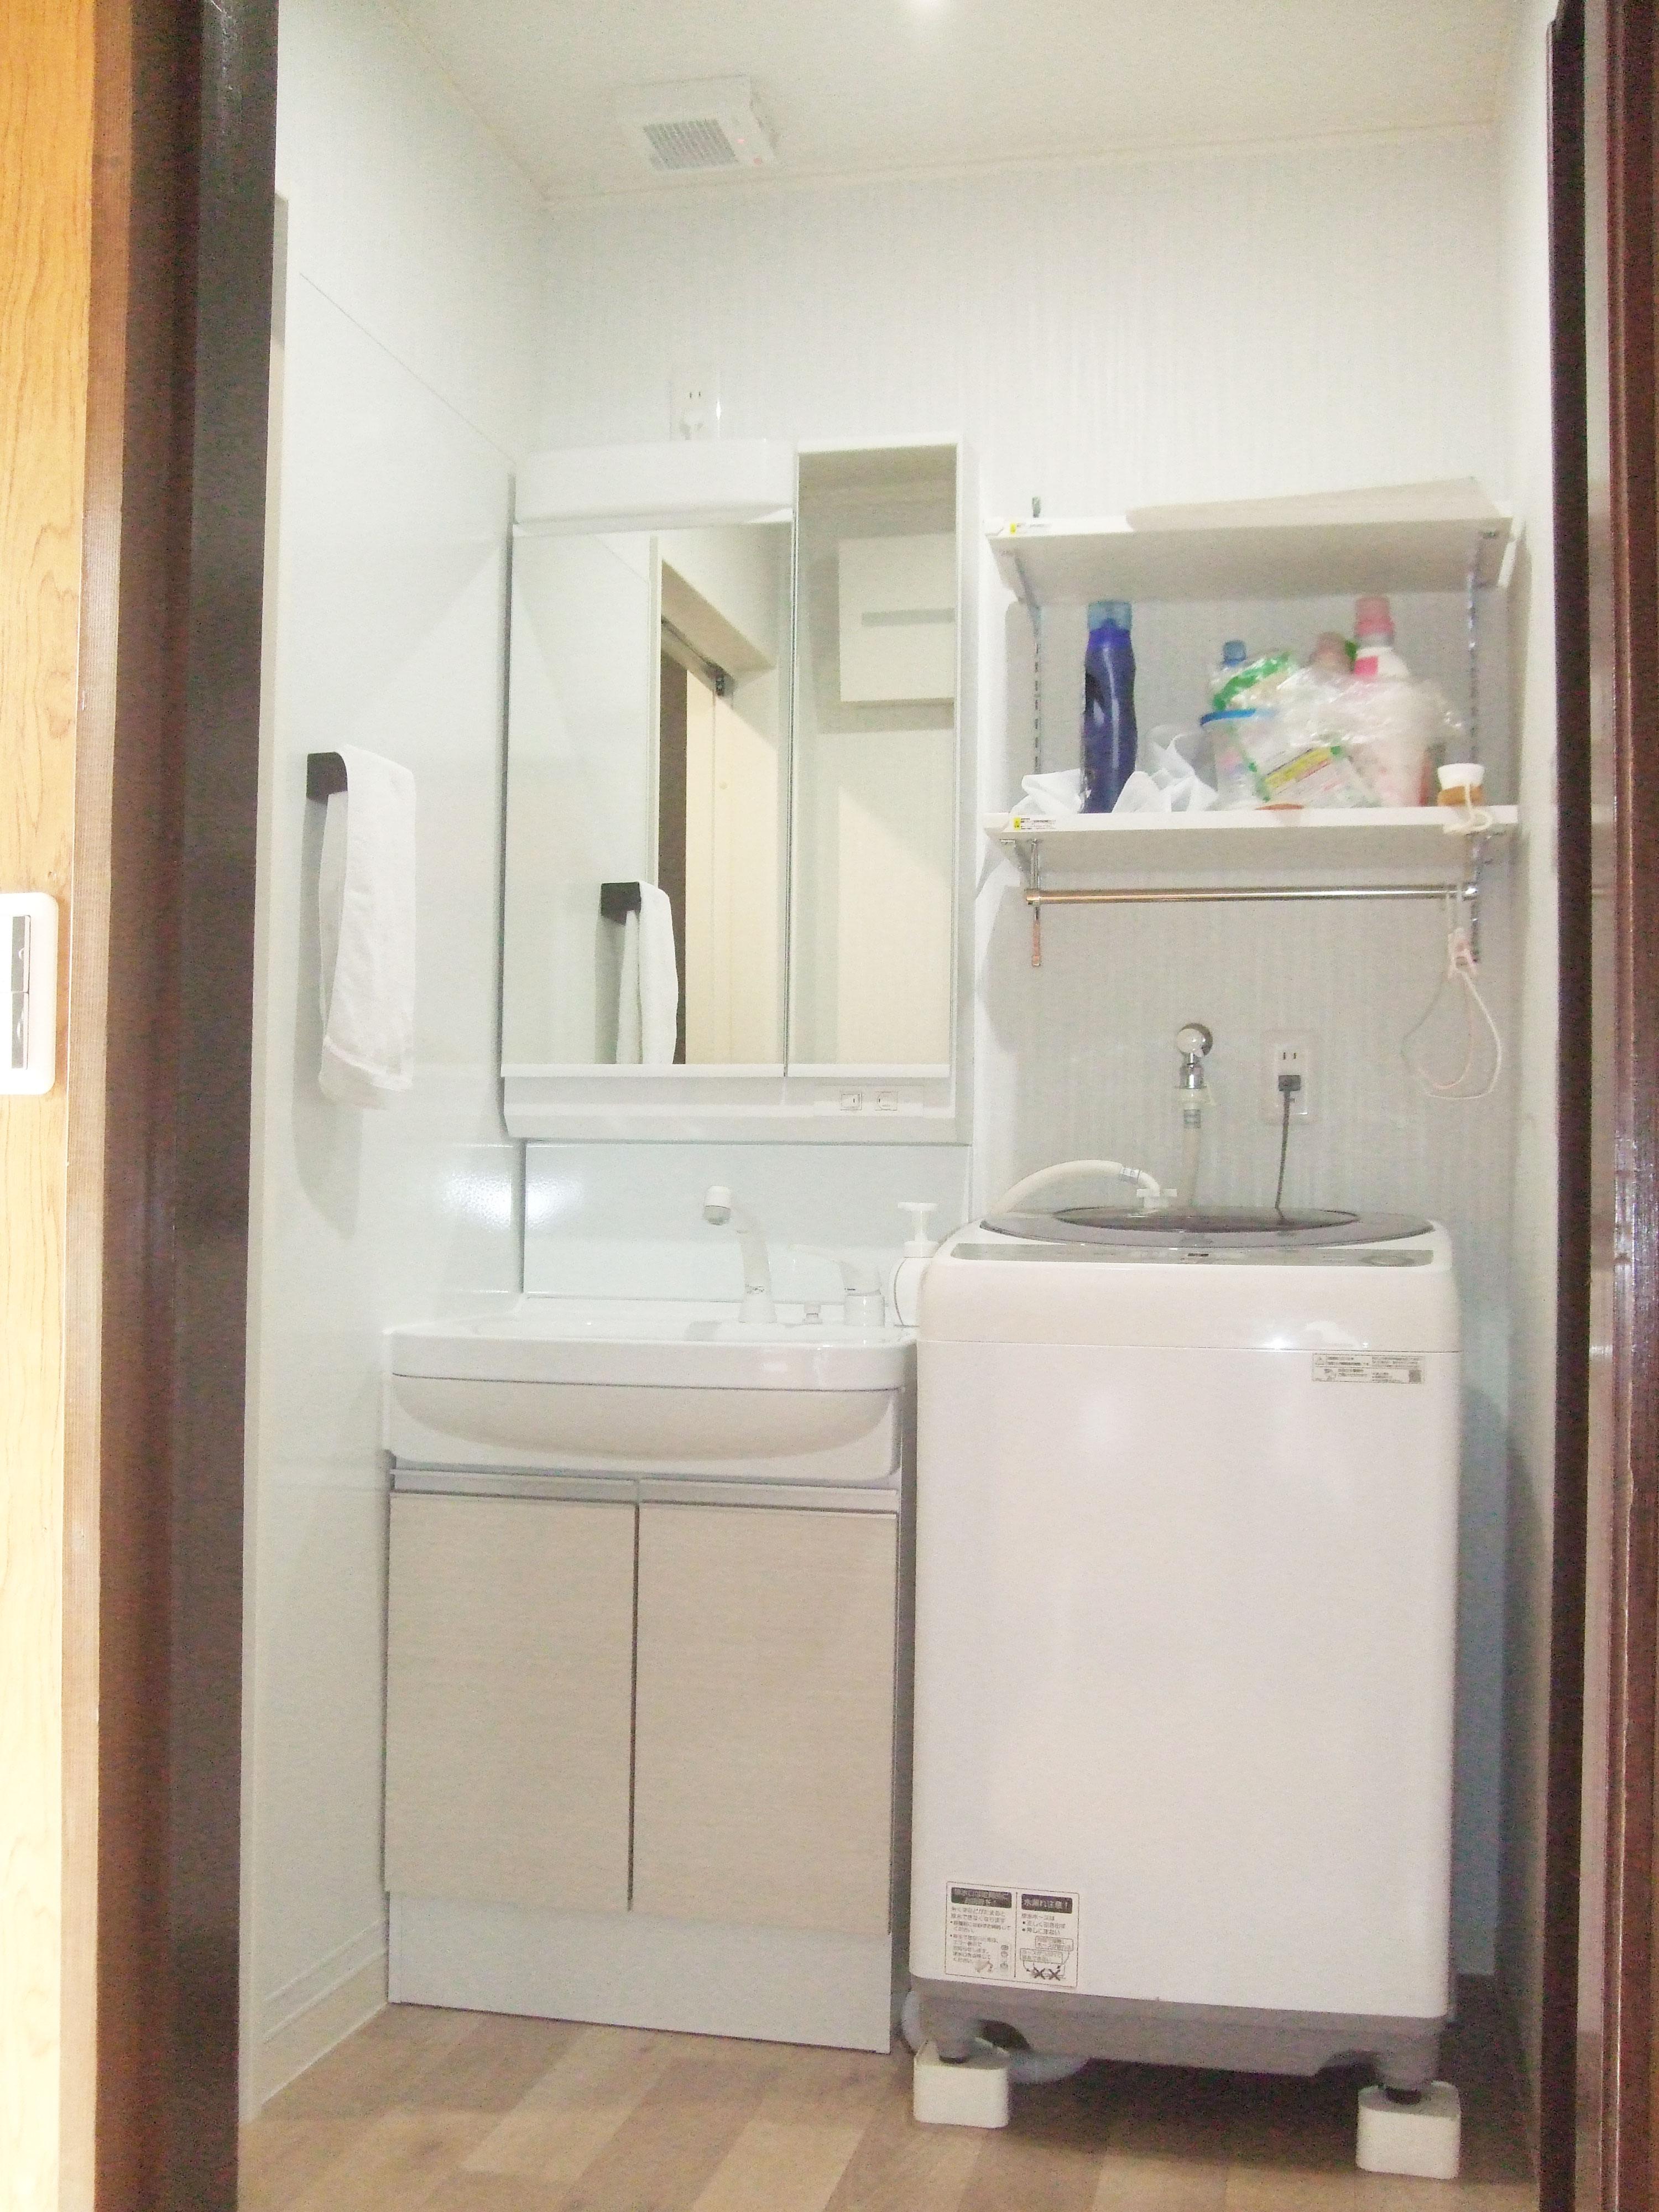 収納が足りず物が溢れかえっていた洗面所。新しい洗面所はスッキリしまえます!